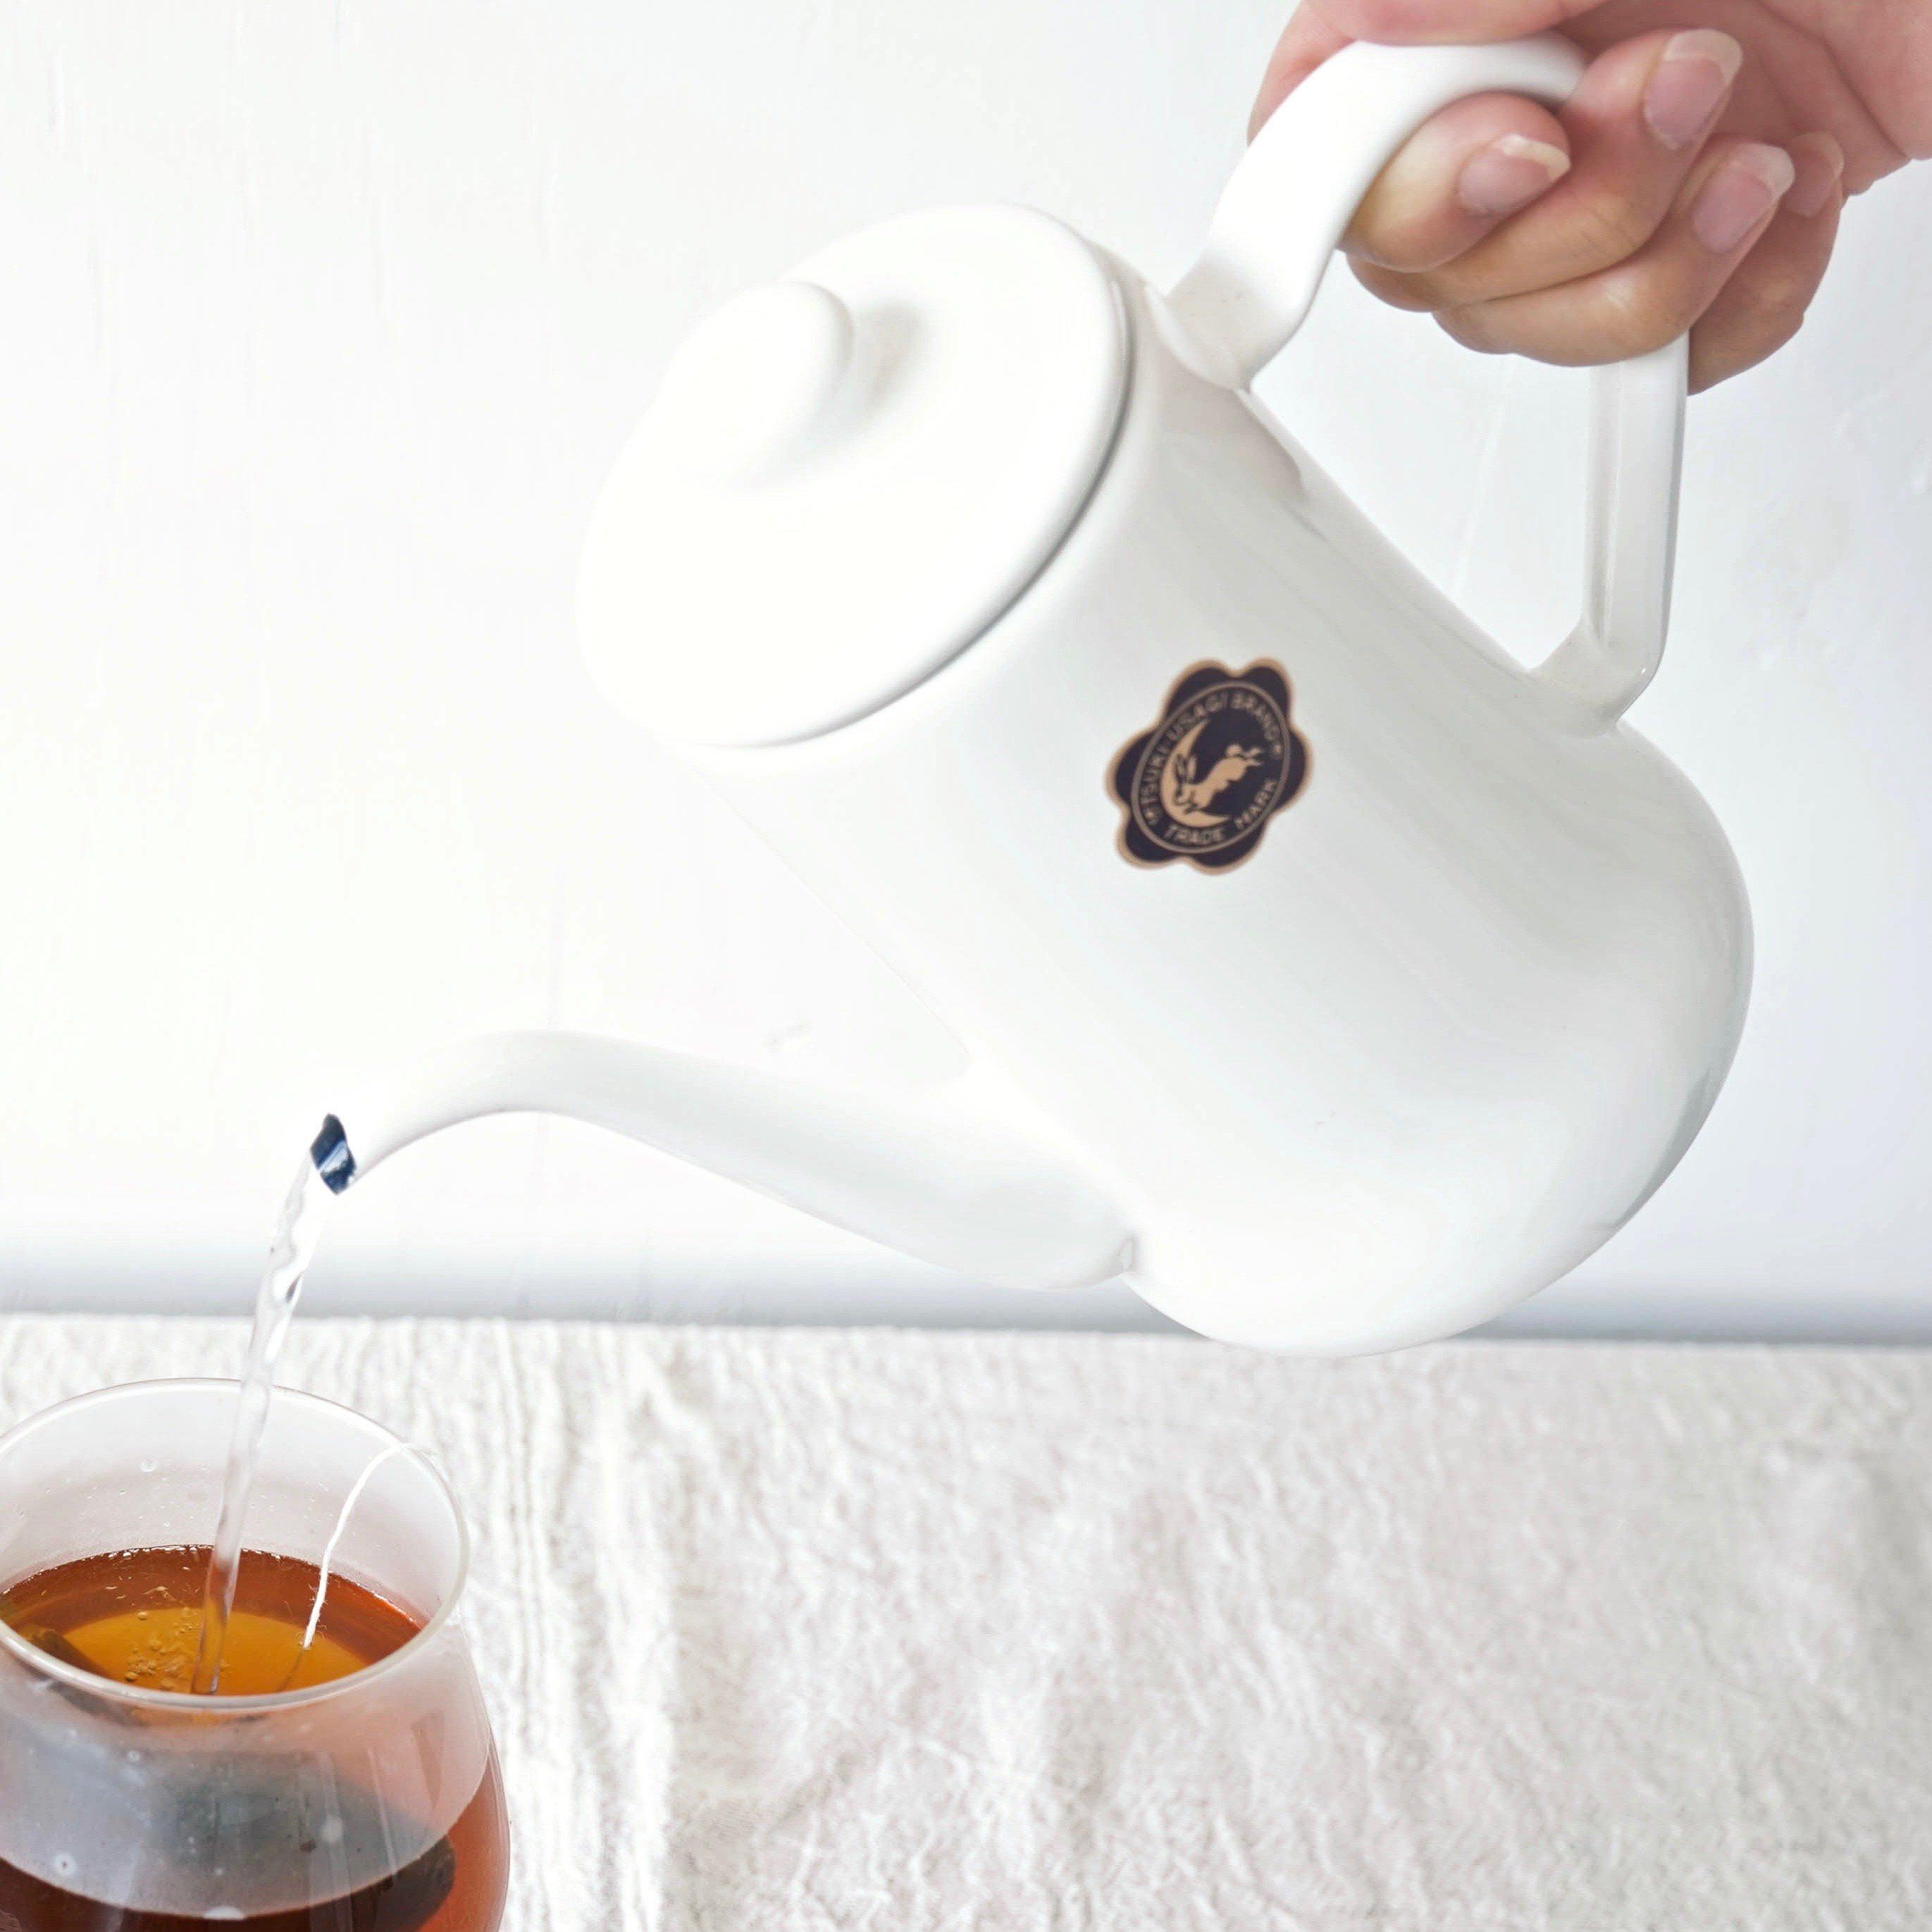 月兎印コーヒーポット<br>ホワイト